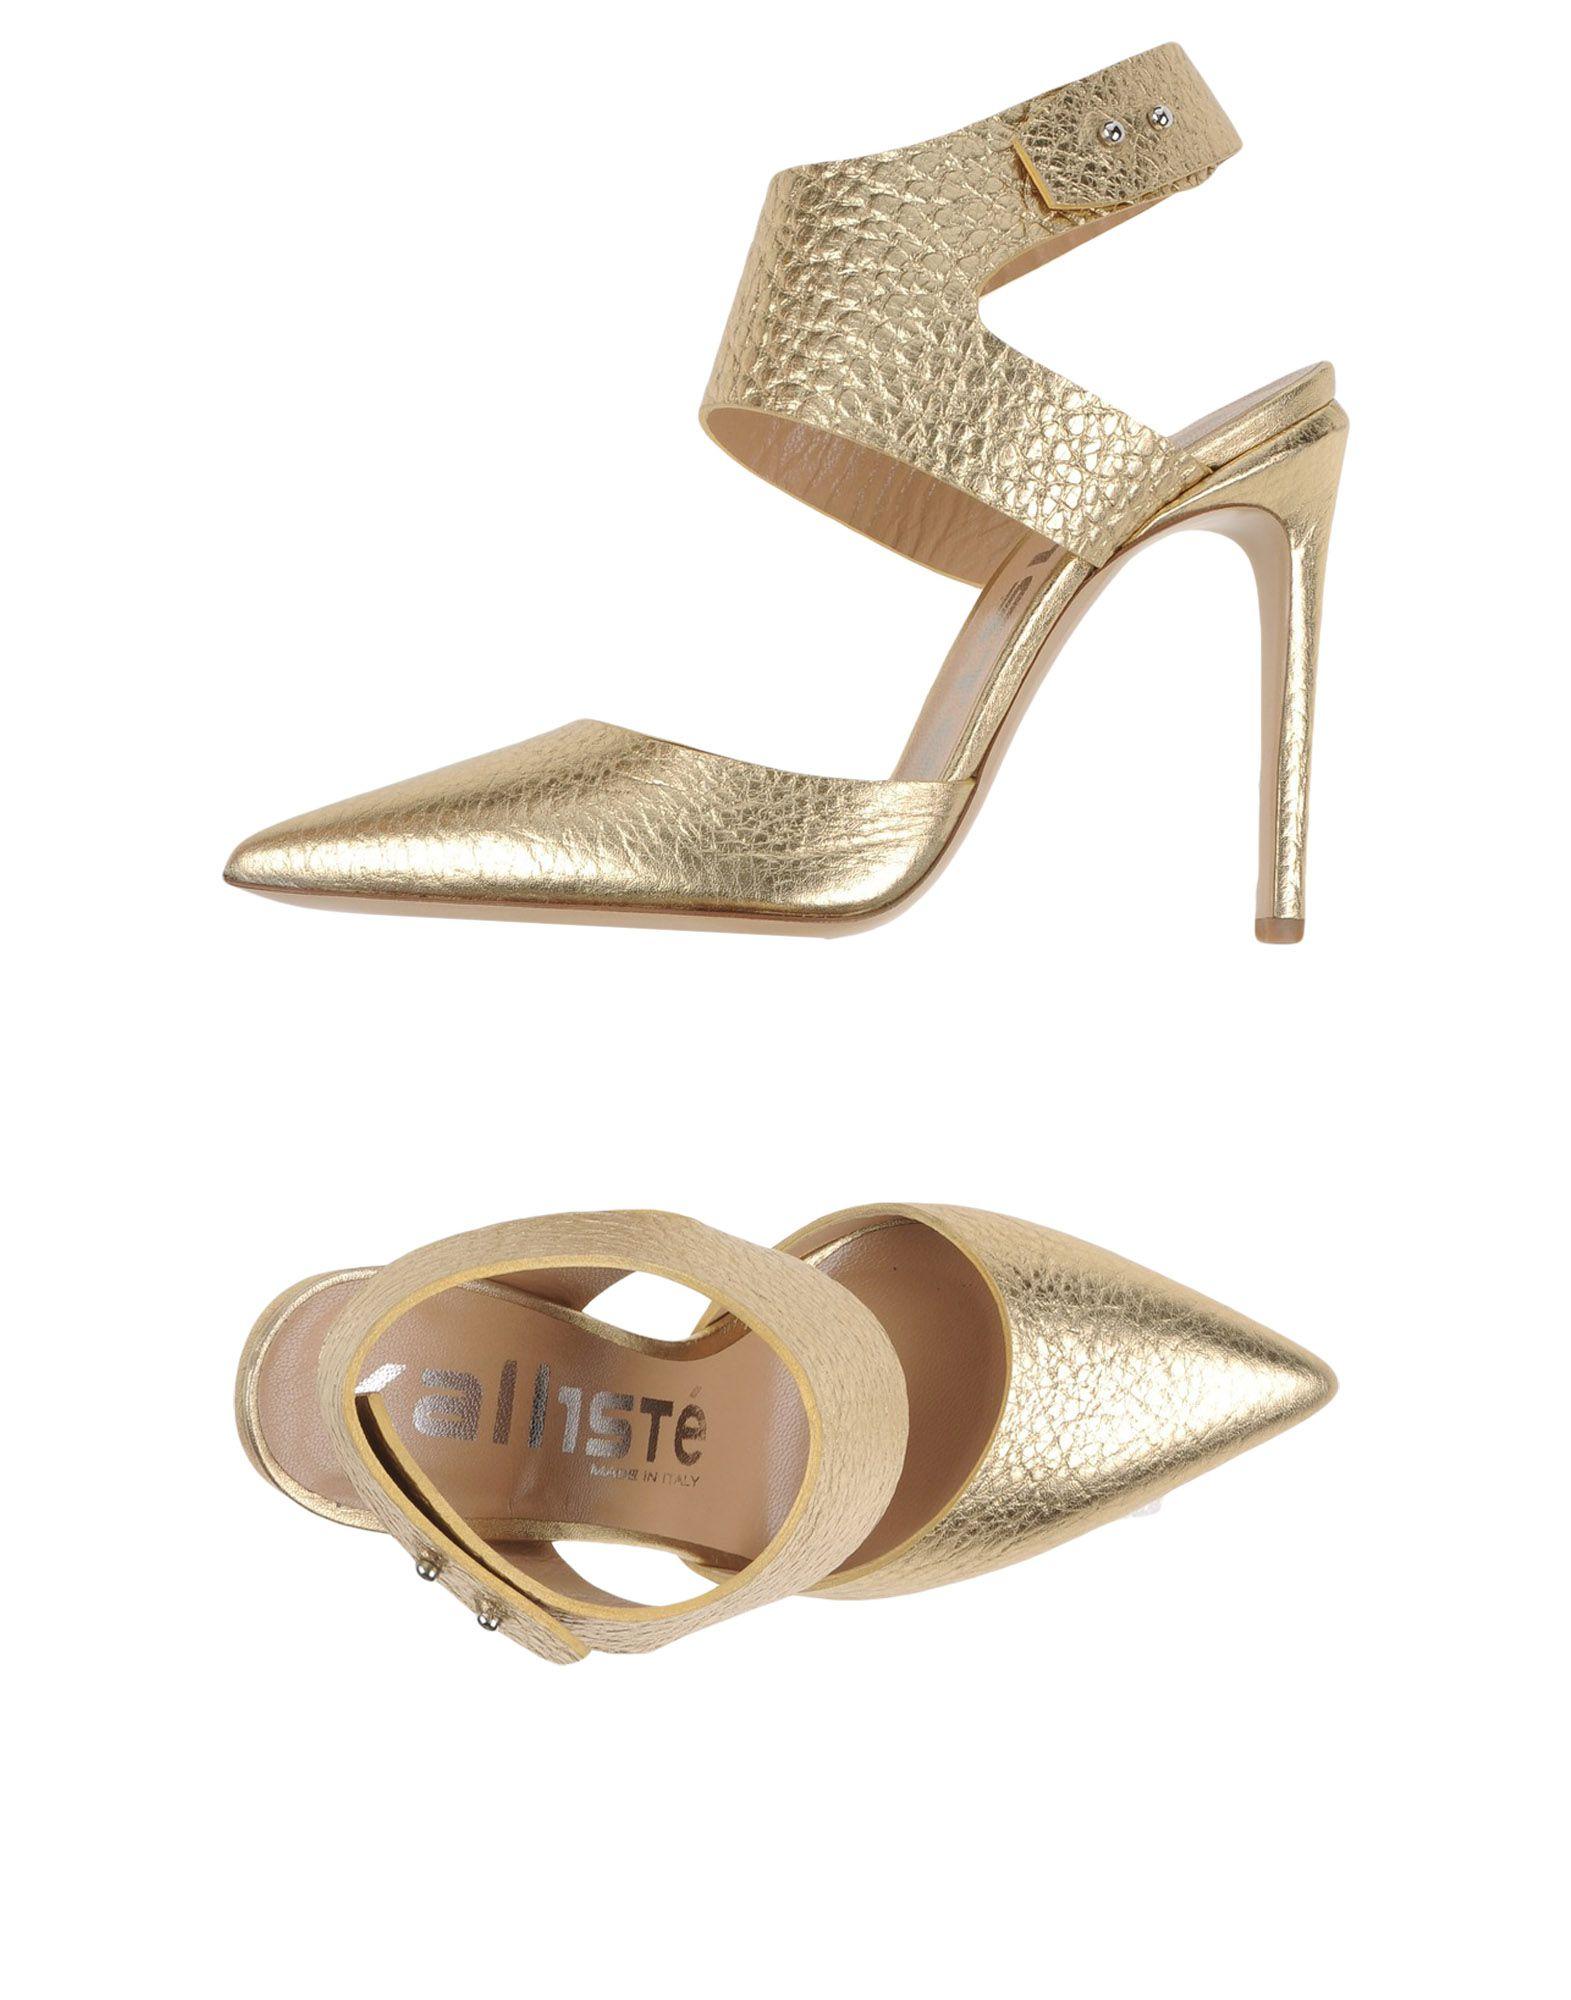 Kallistè Sandalen Damen  44951588XOGut Schuhe aussehende strapazierfähige Schuhe 44951588XOGut e8685b